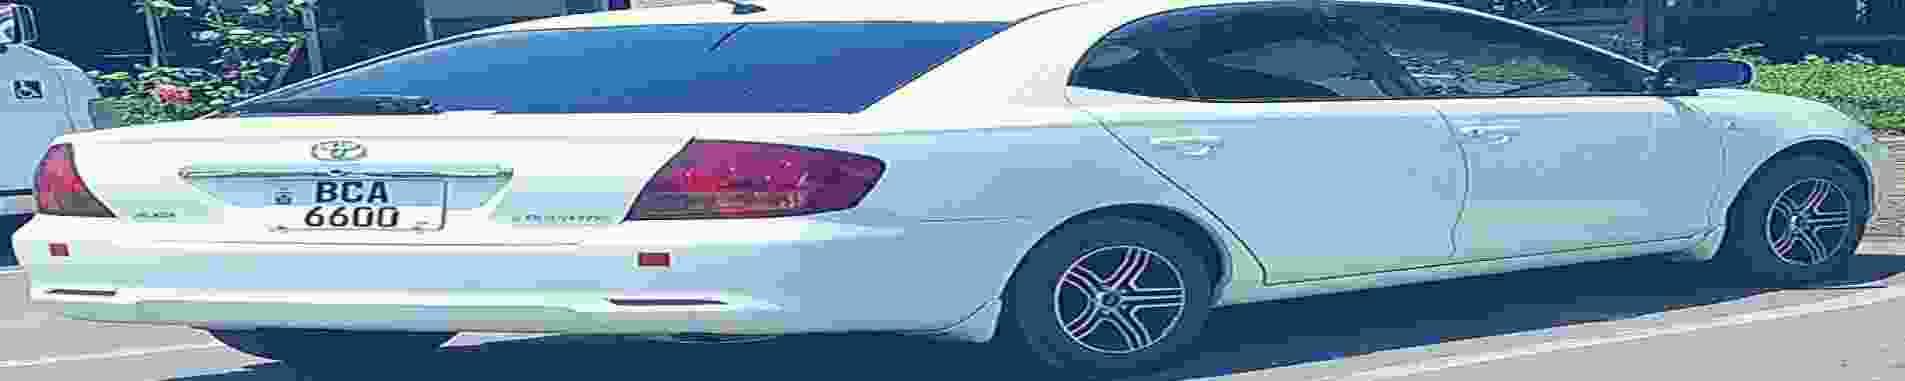 Rent A Car header image